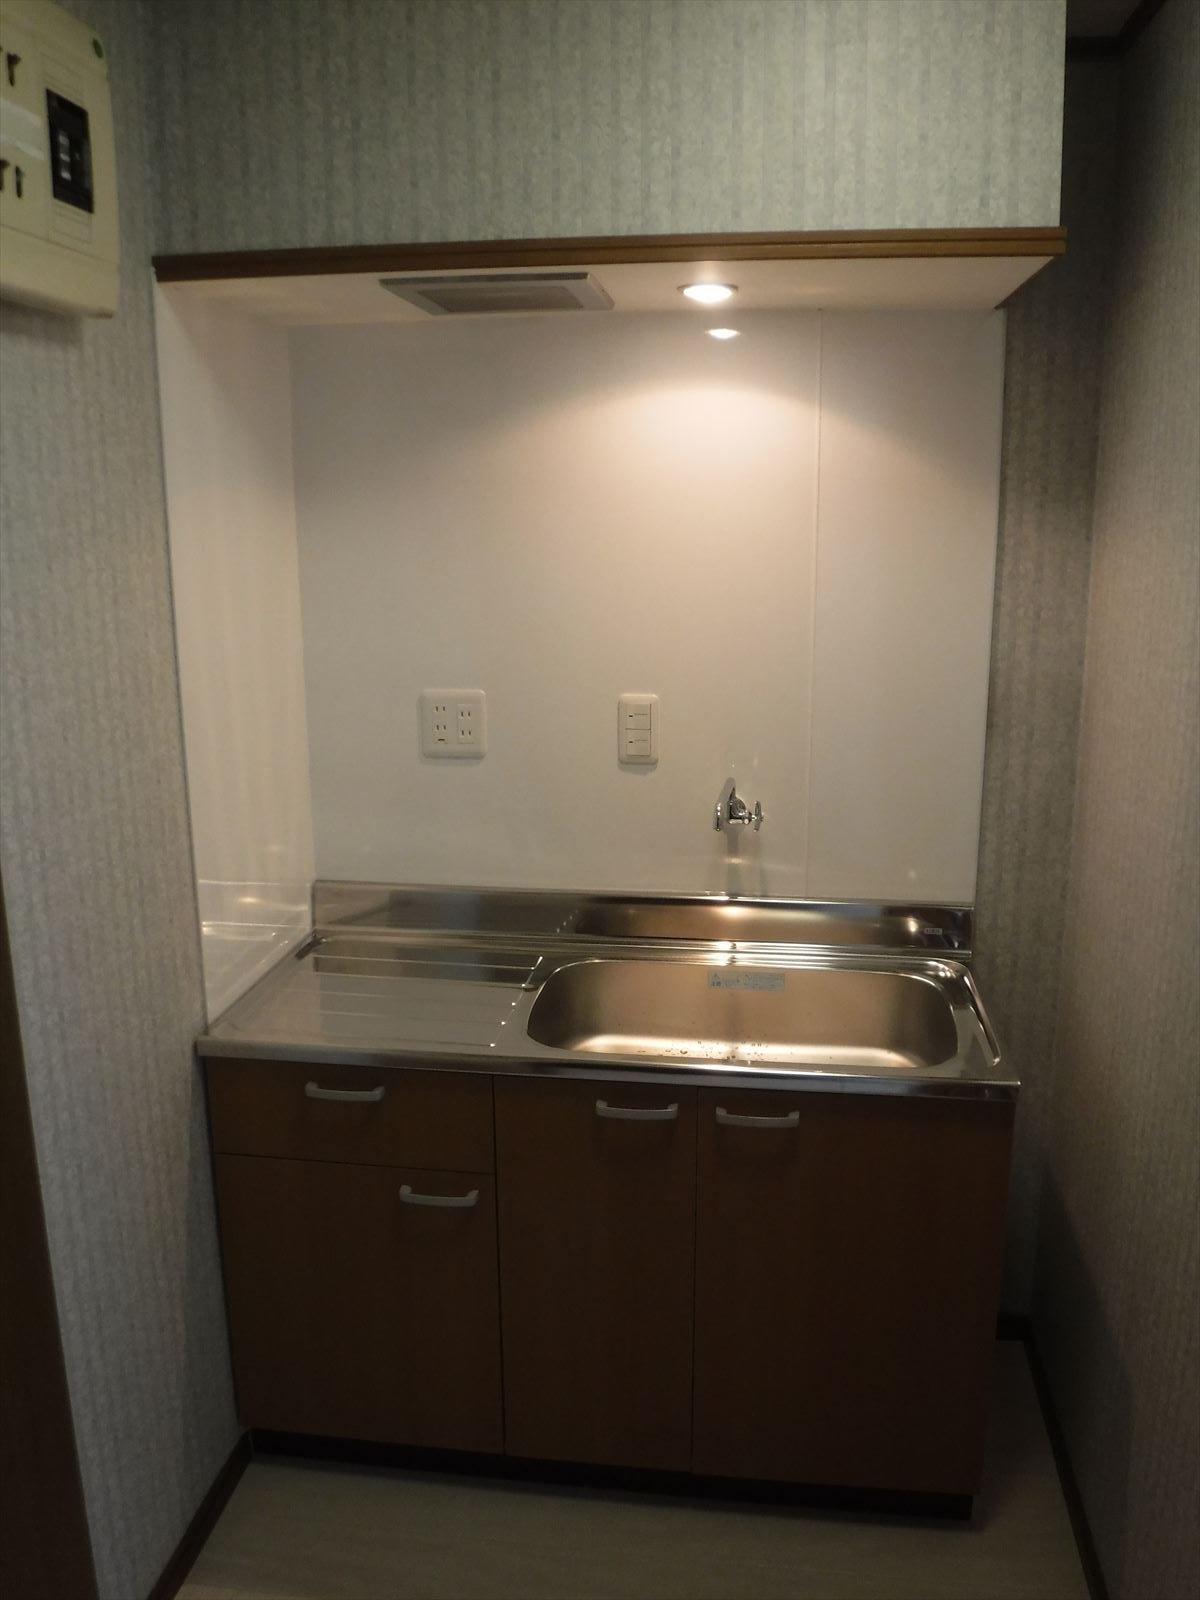 事務所の水廻りを改装!給湯室 キッチン取替え